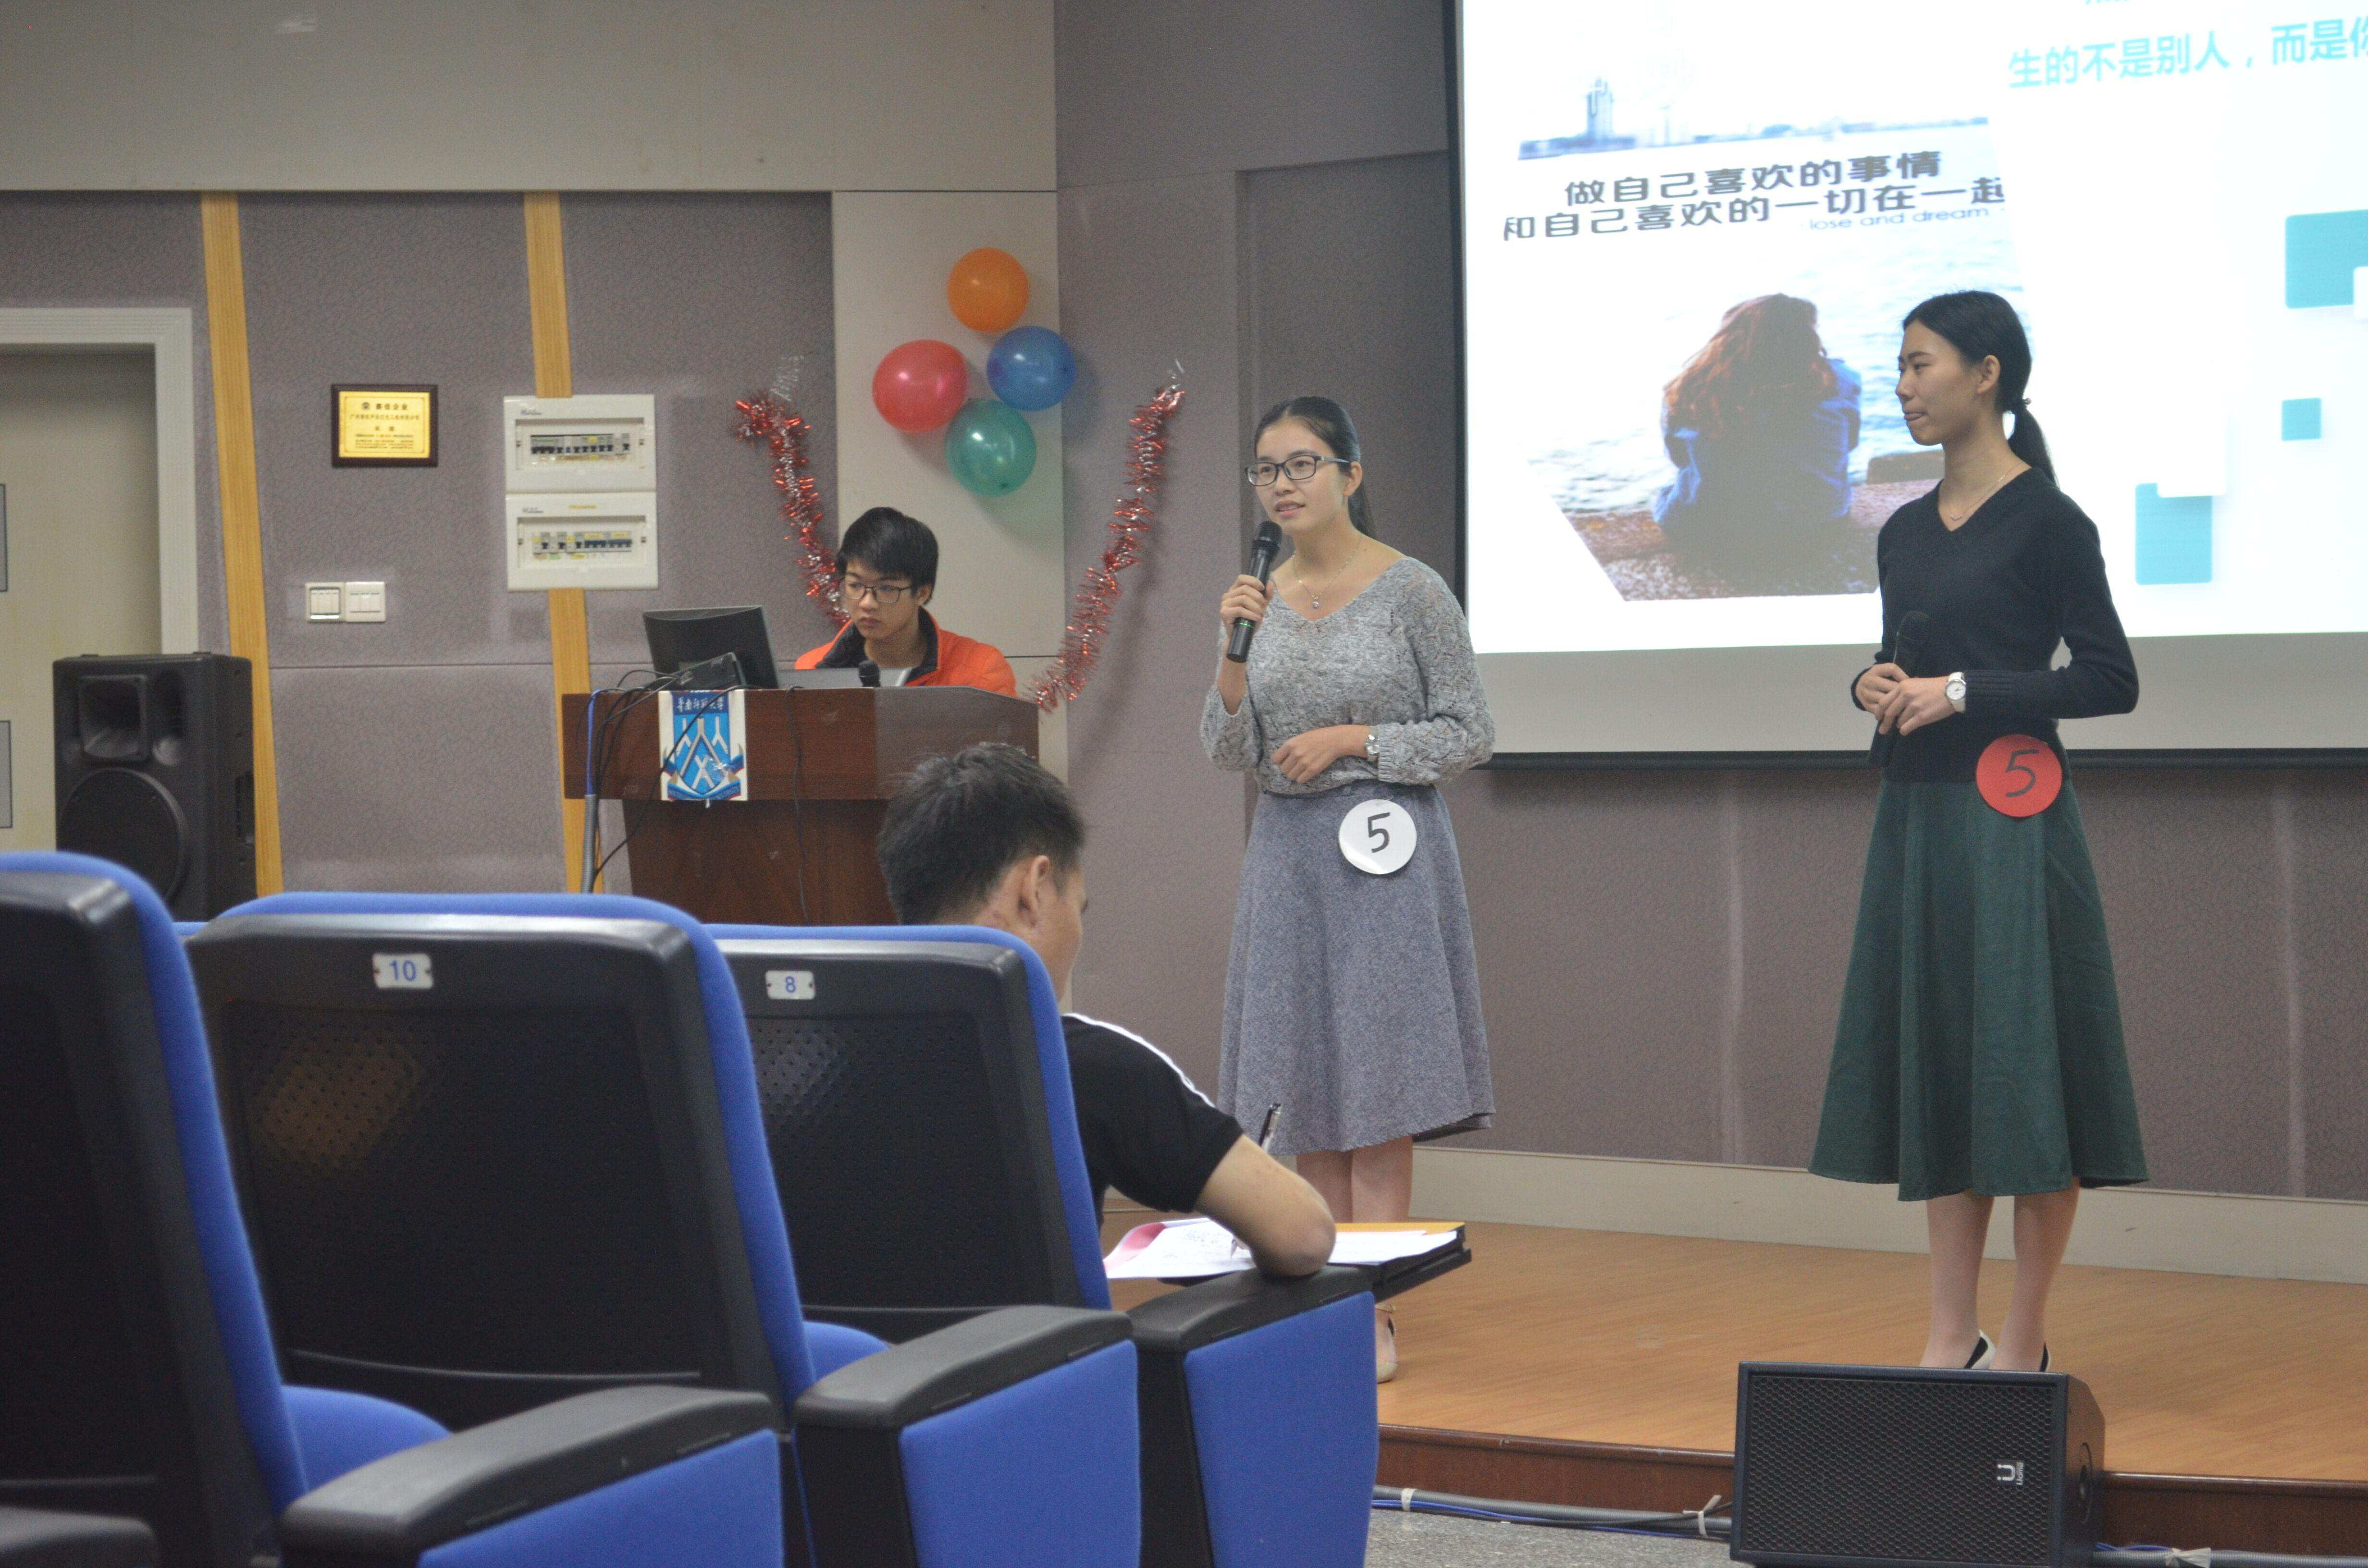 华南师范大学职业教育学院第三届课前演讲比赛初赛顺利举行